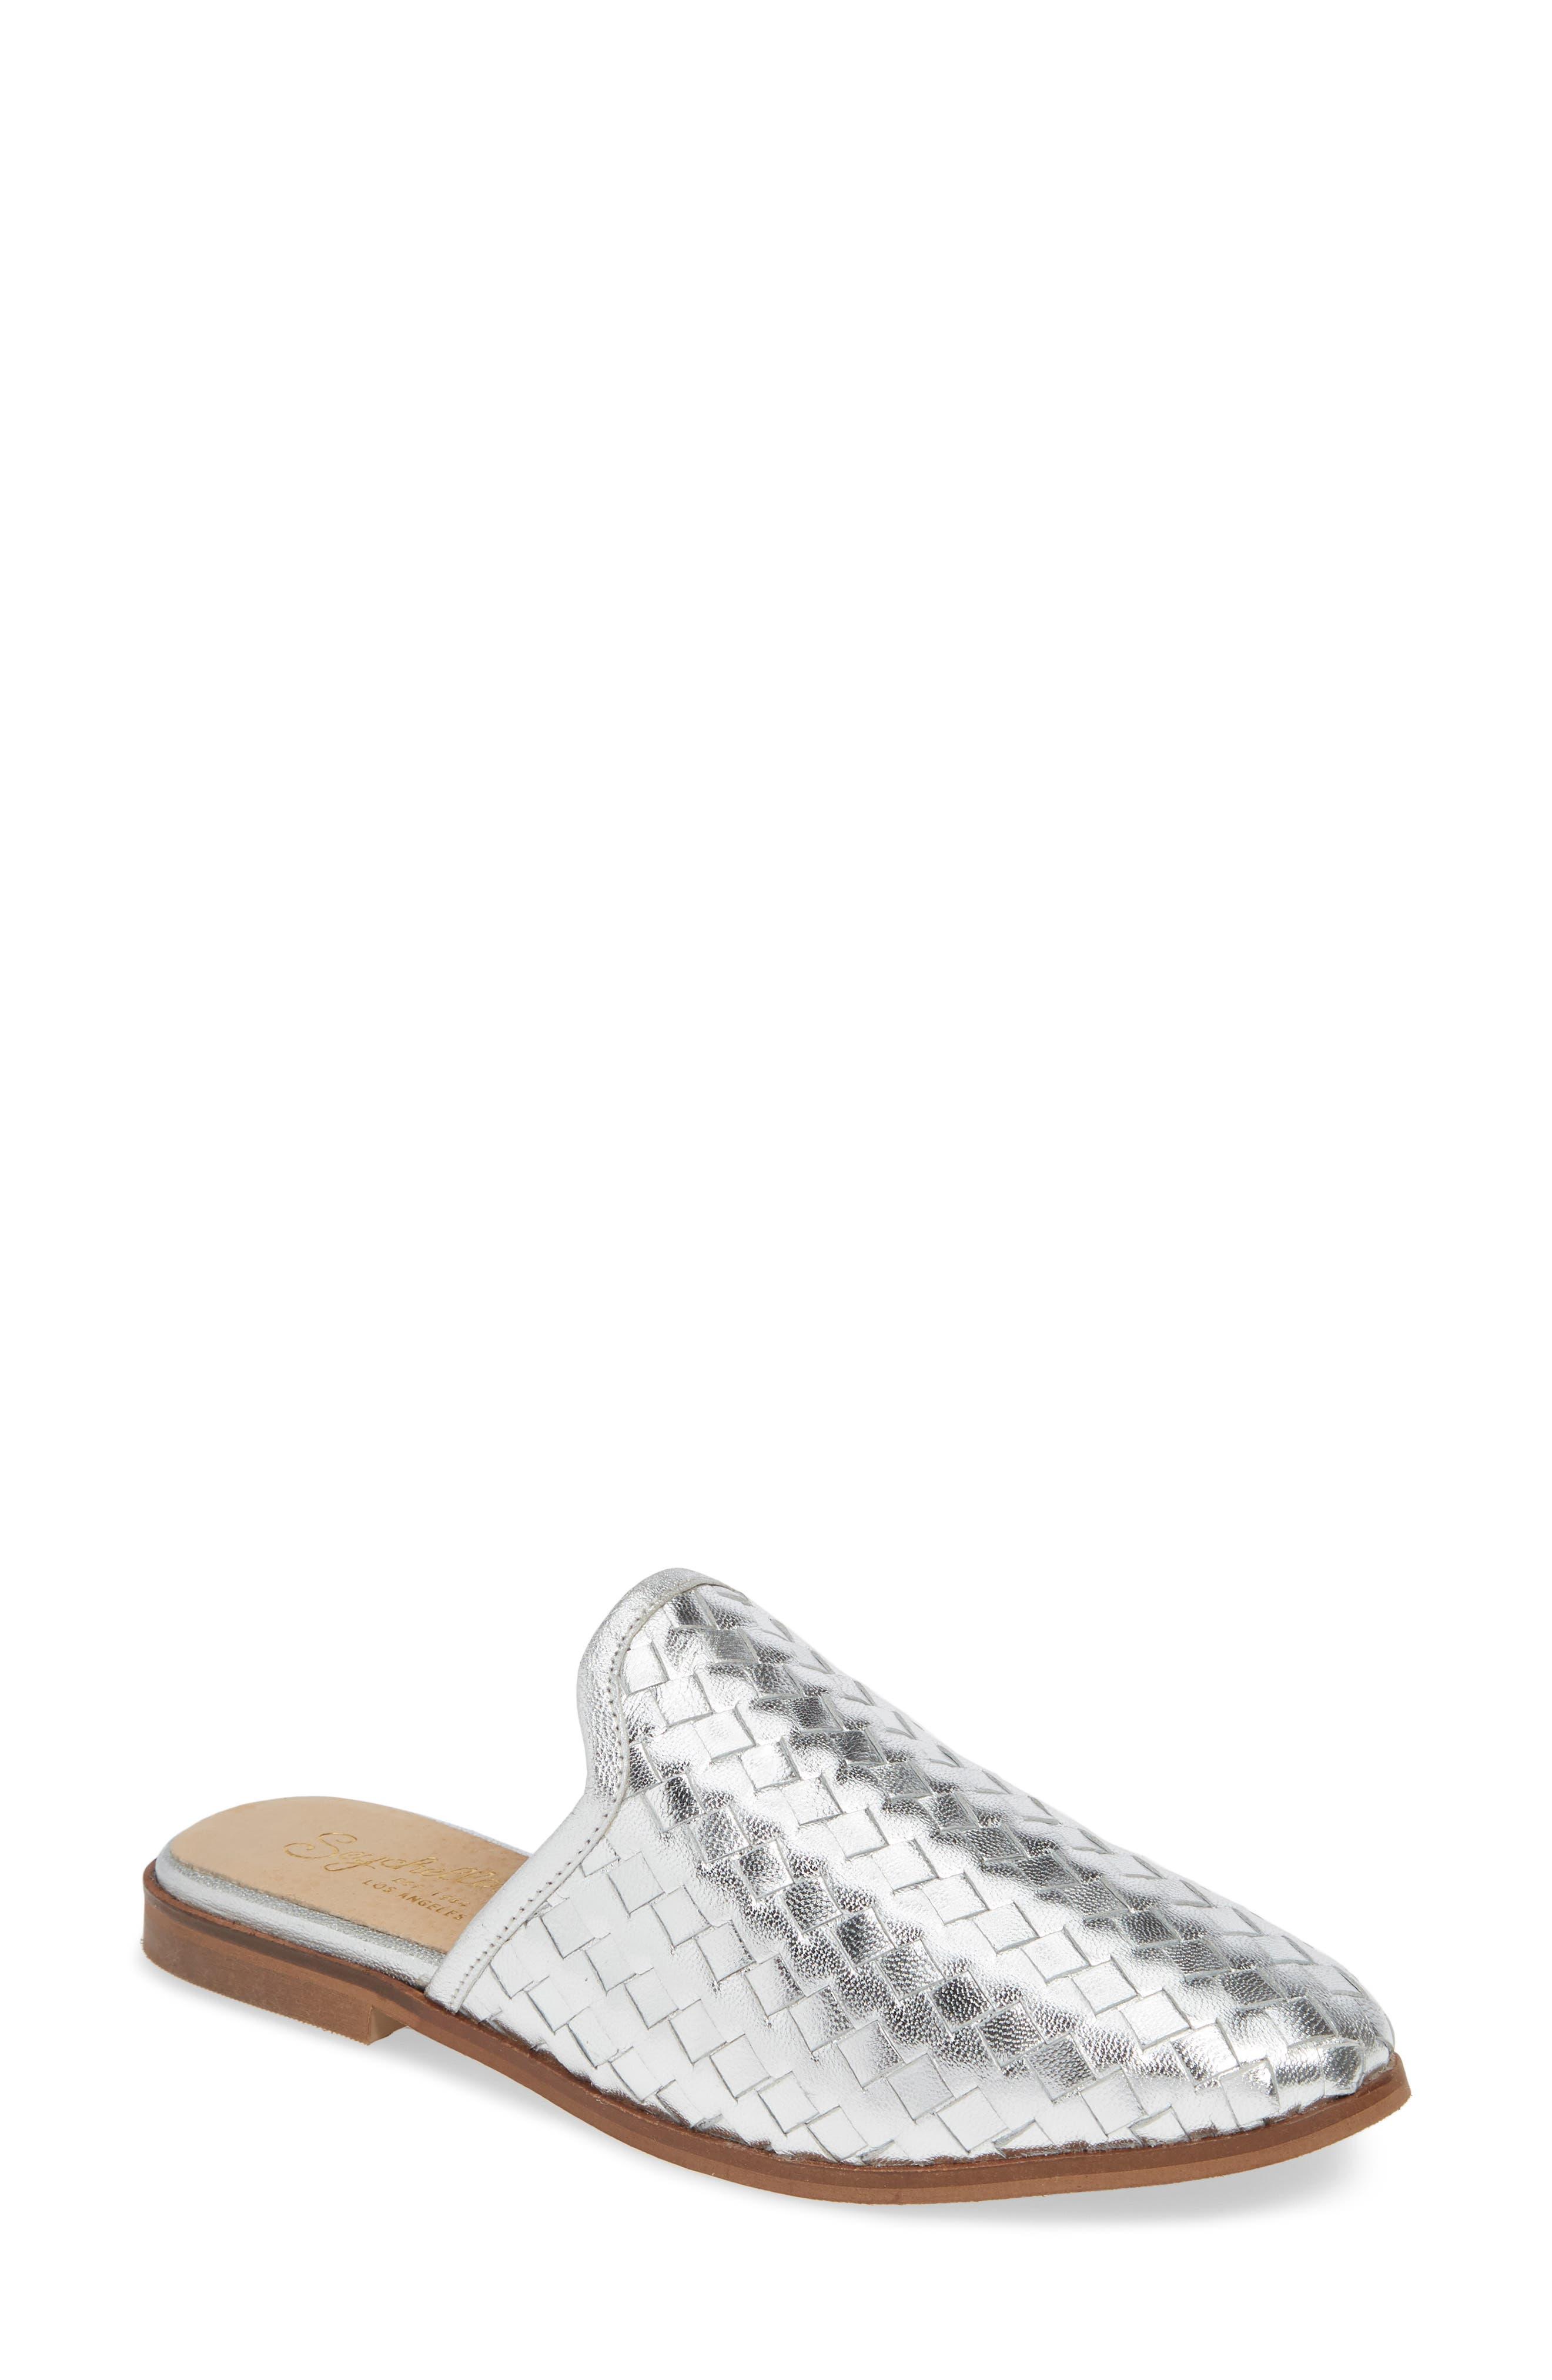 Seychelles Knickknack Woven Loafer Mule, Metallic